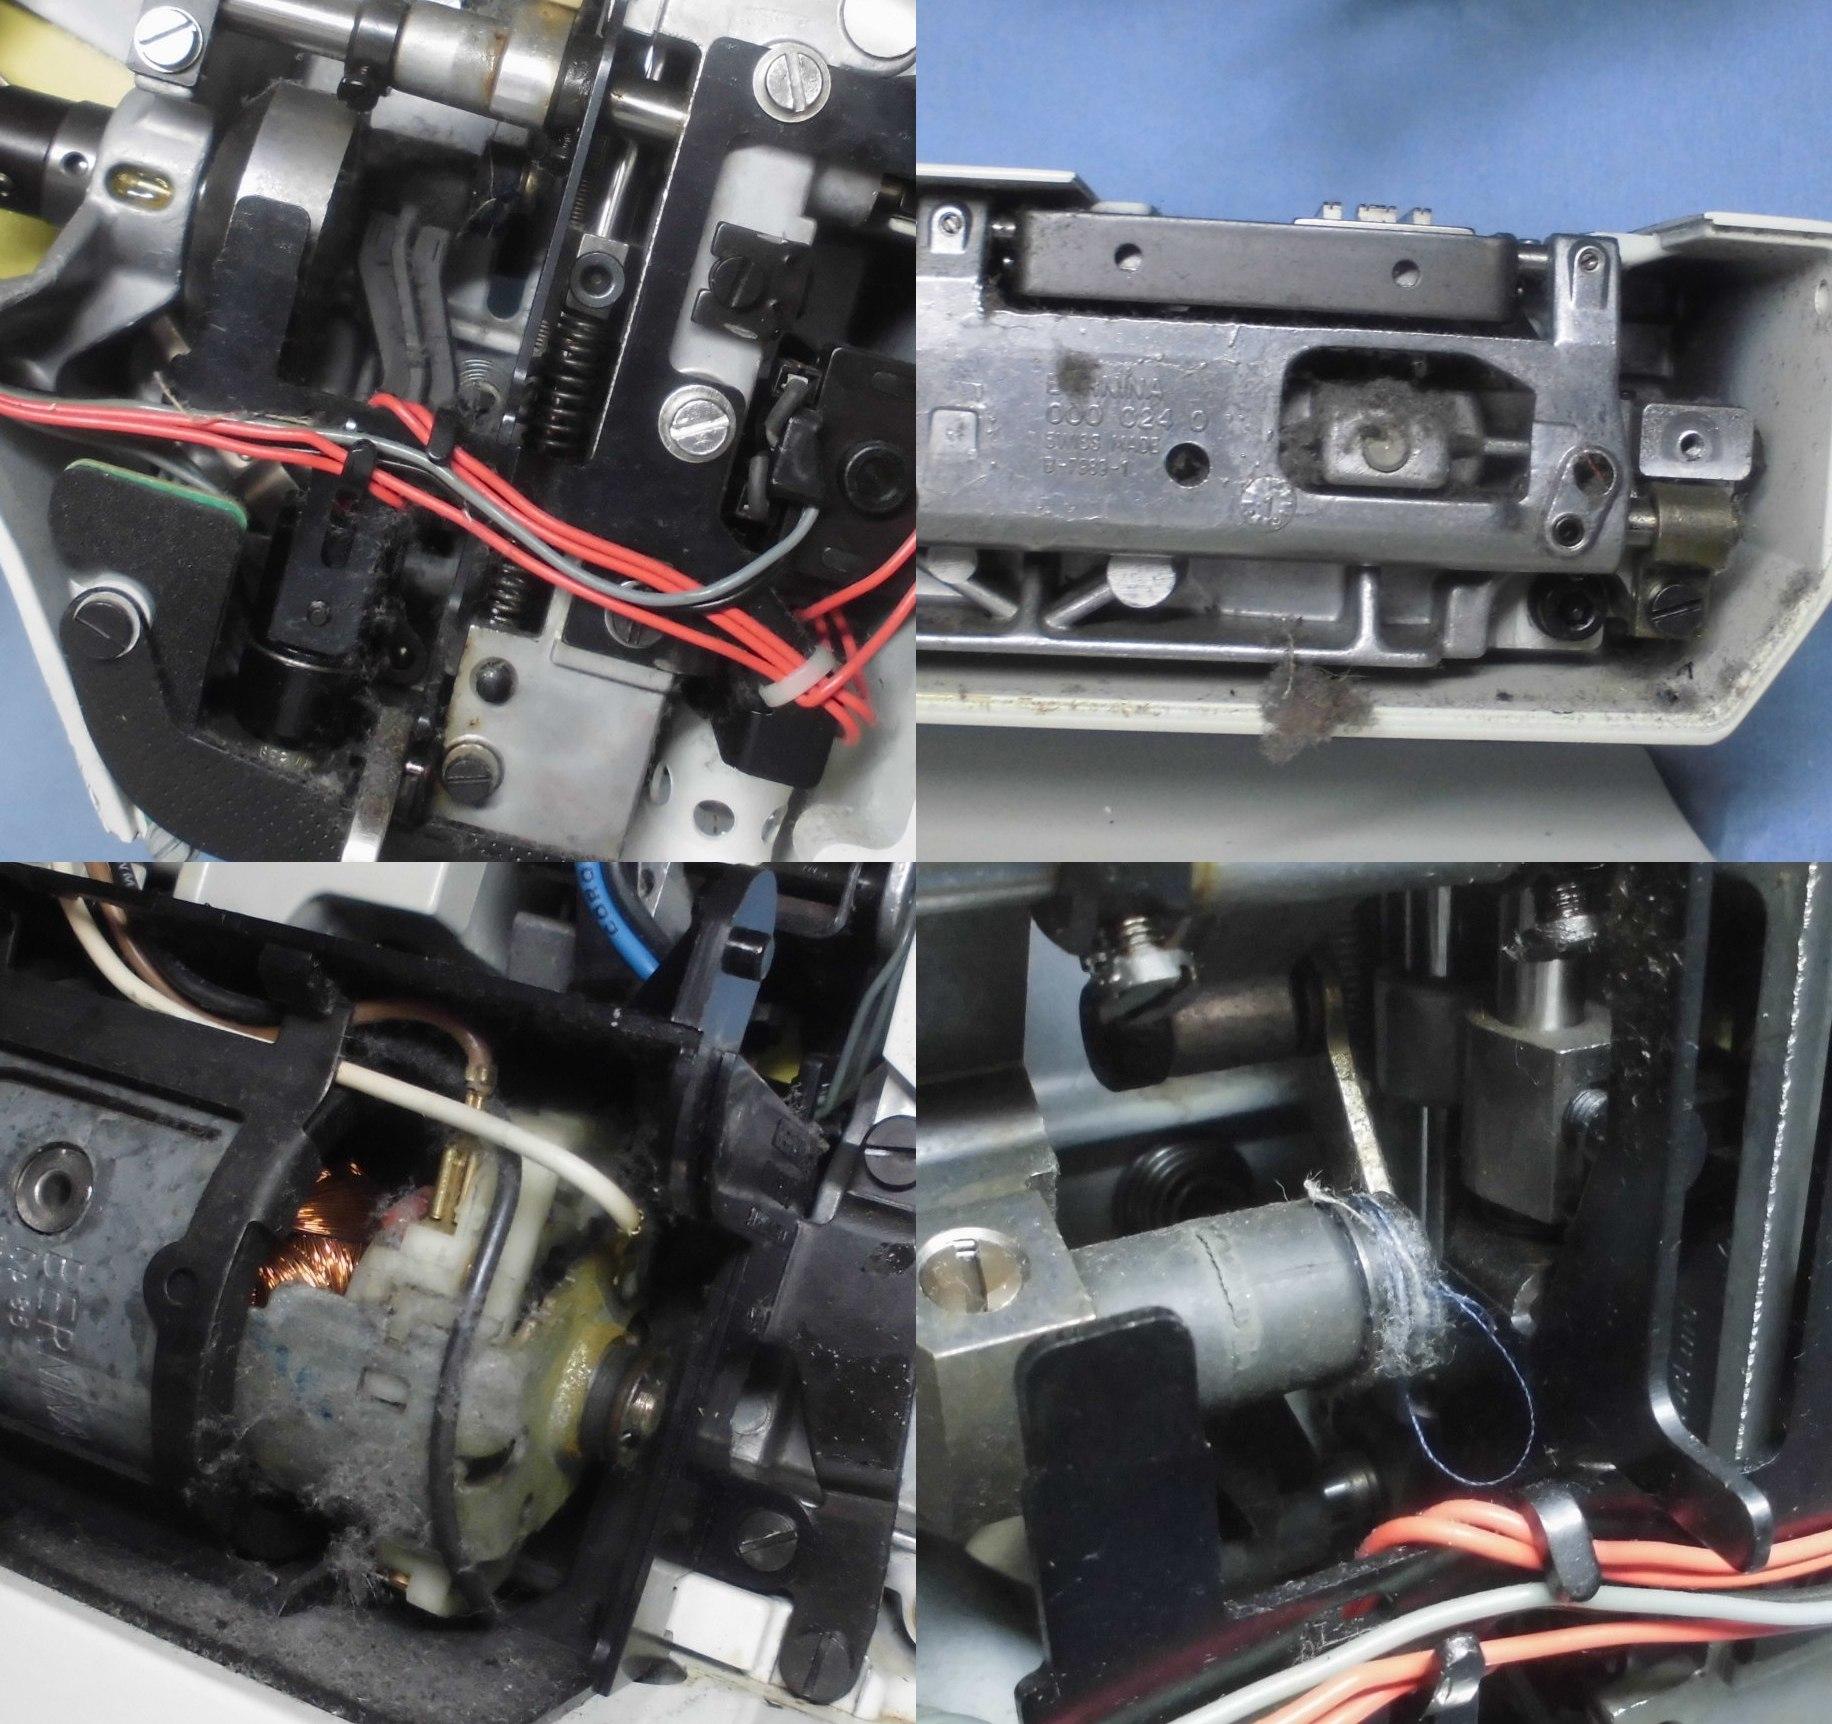 ホリデーヌ1240の故障、不具合|異音、針が下りない、モーター不良、糸絡み